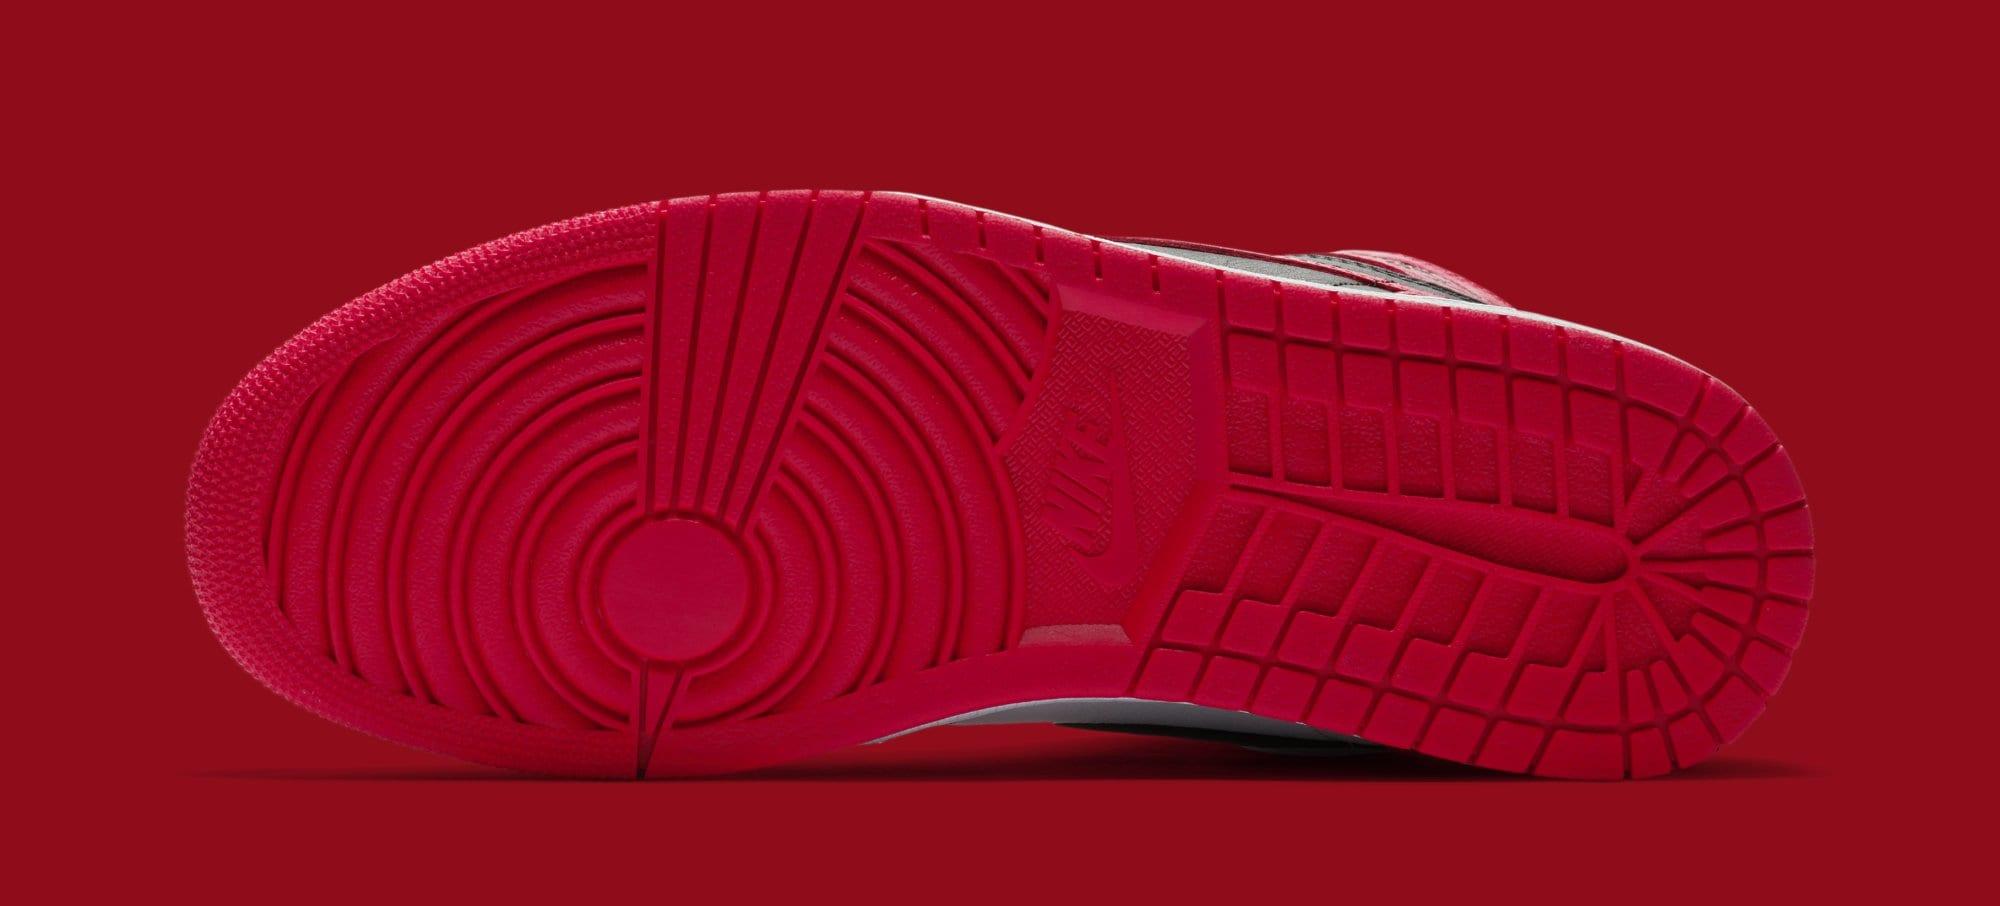 more photos cf0ba 5835e Air Jordan 1 I High OG Homage to Home Release Date AR9880 ...